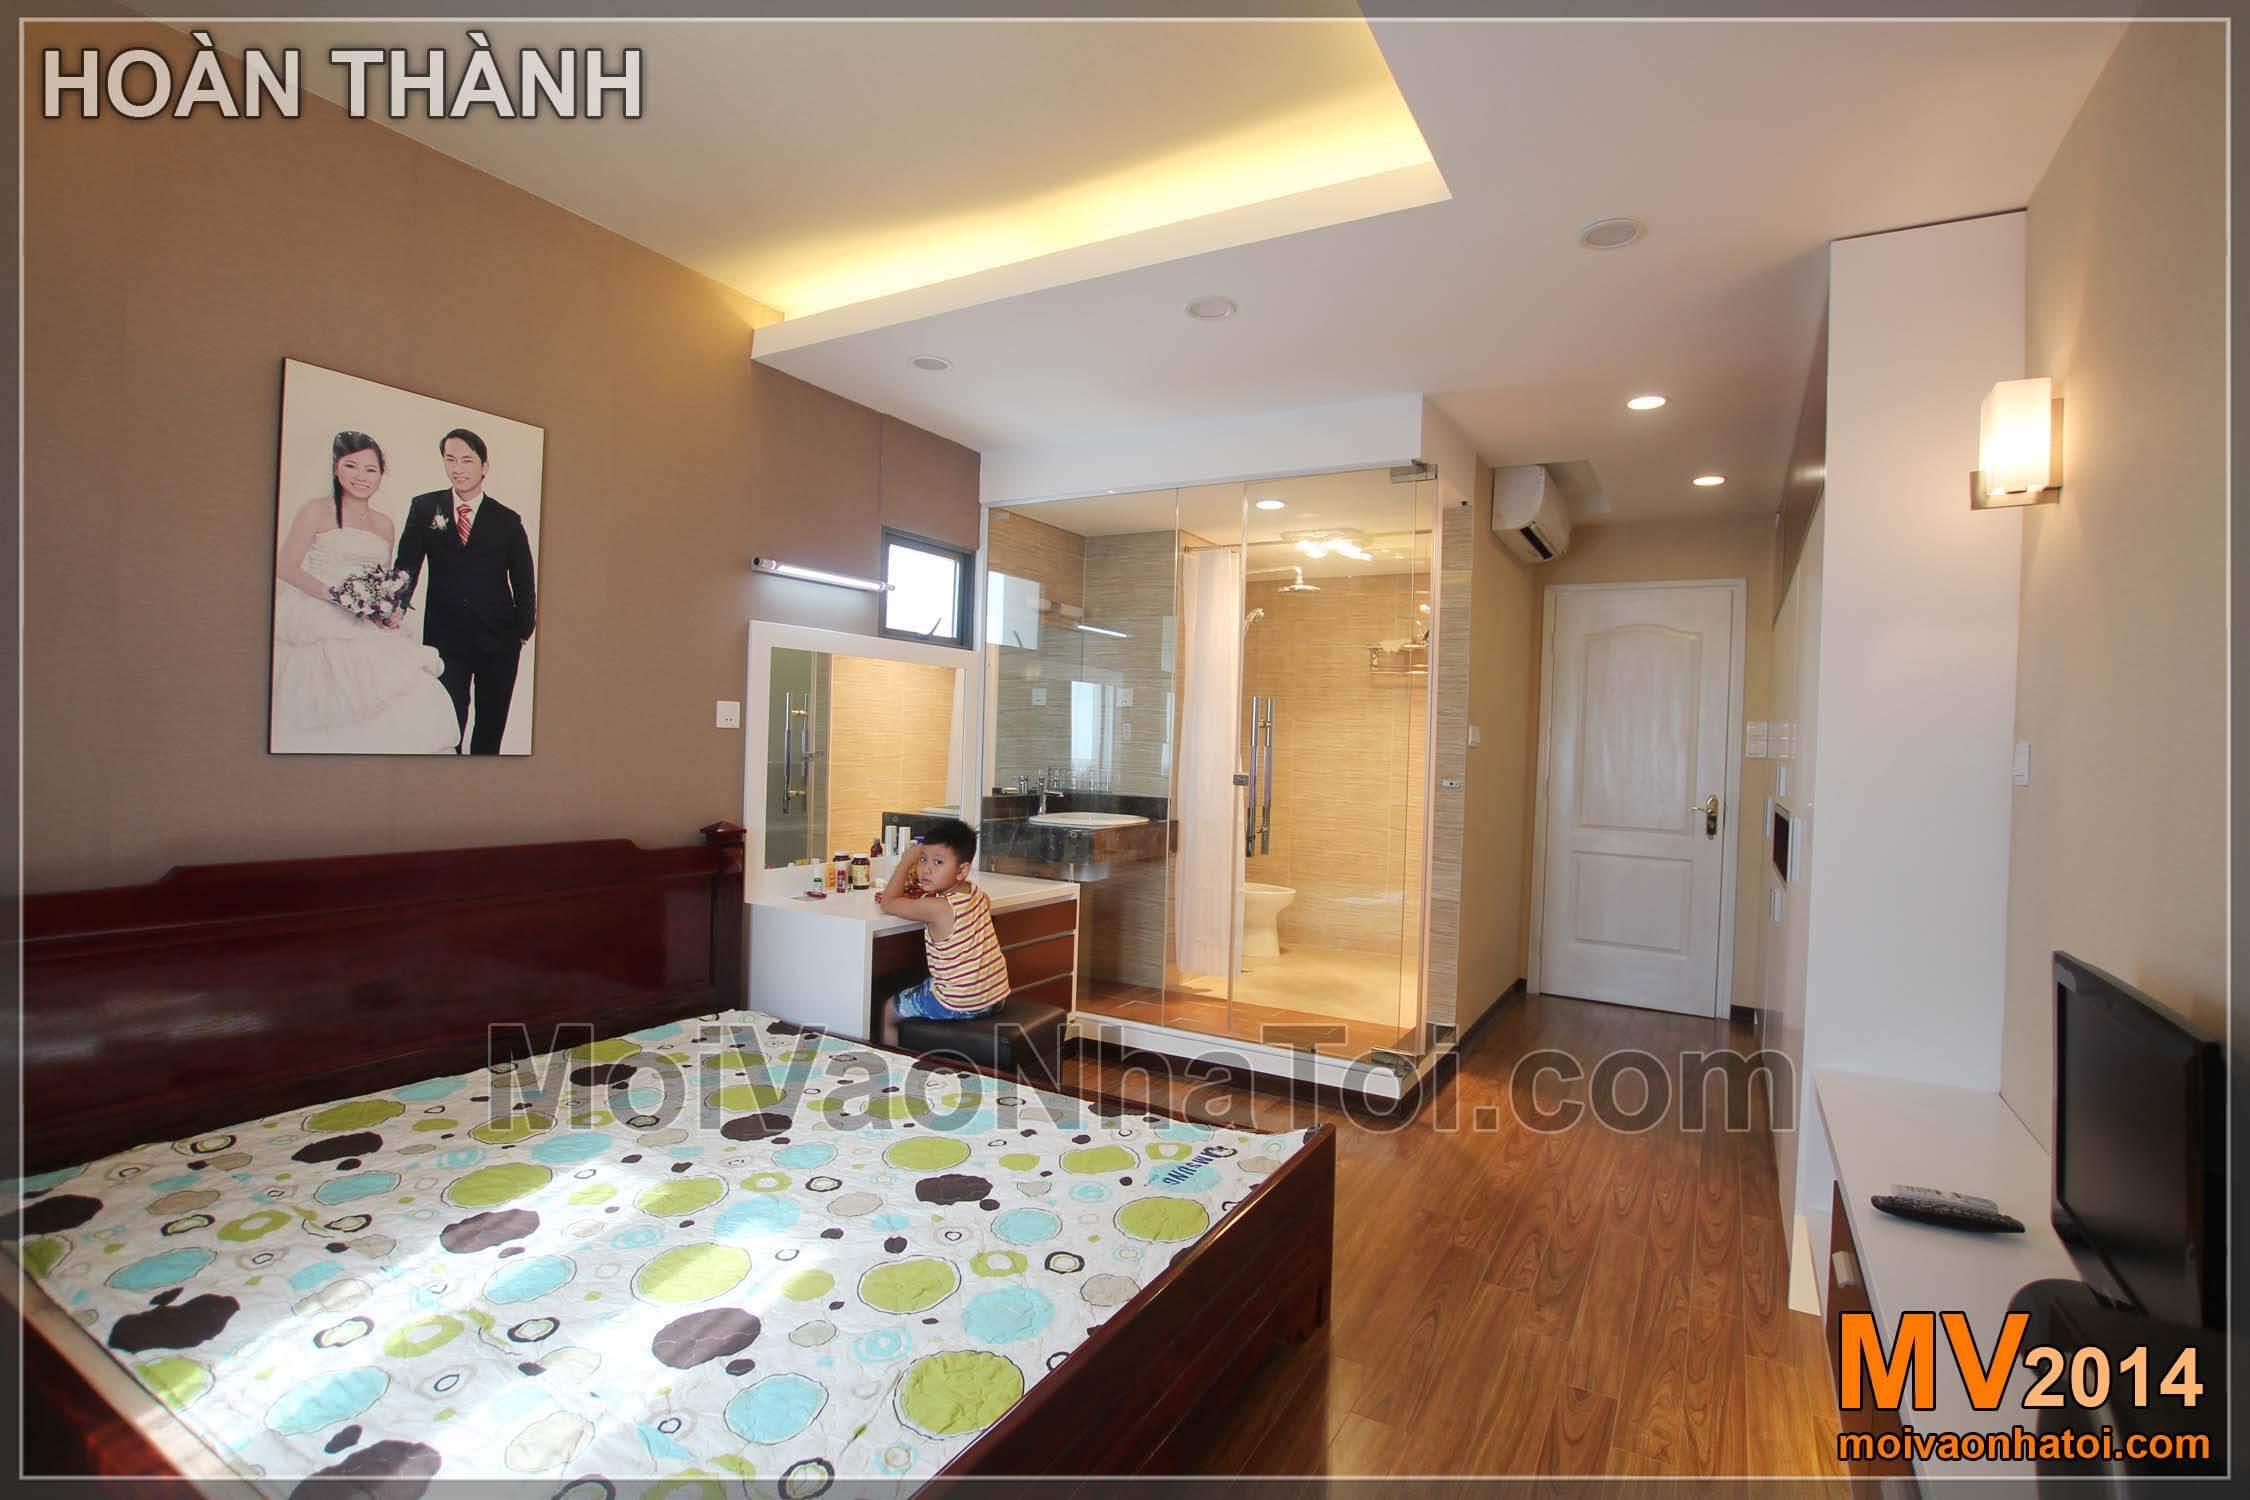 Chung cư Mulberry Lane Phòng ngủ master nội thất hoàn thiện